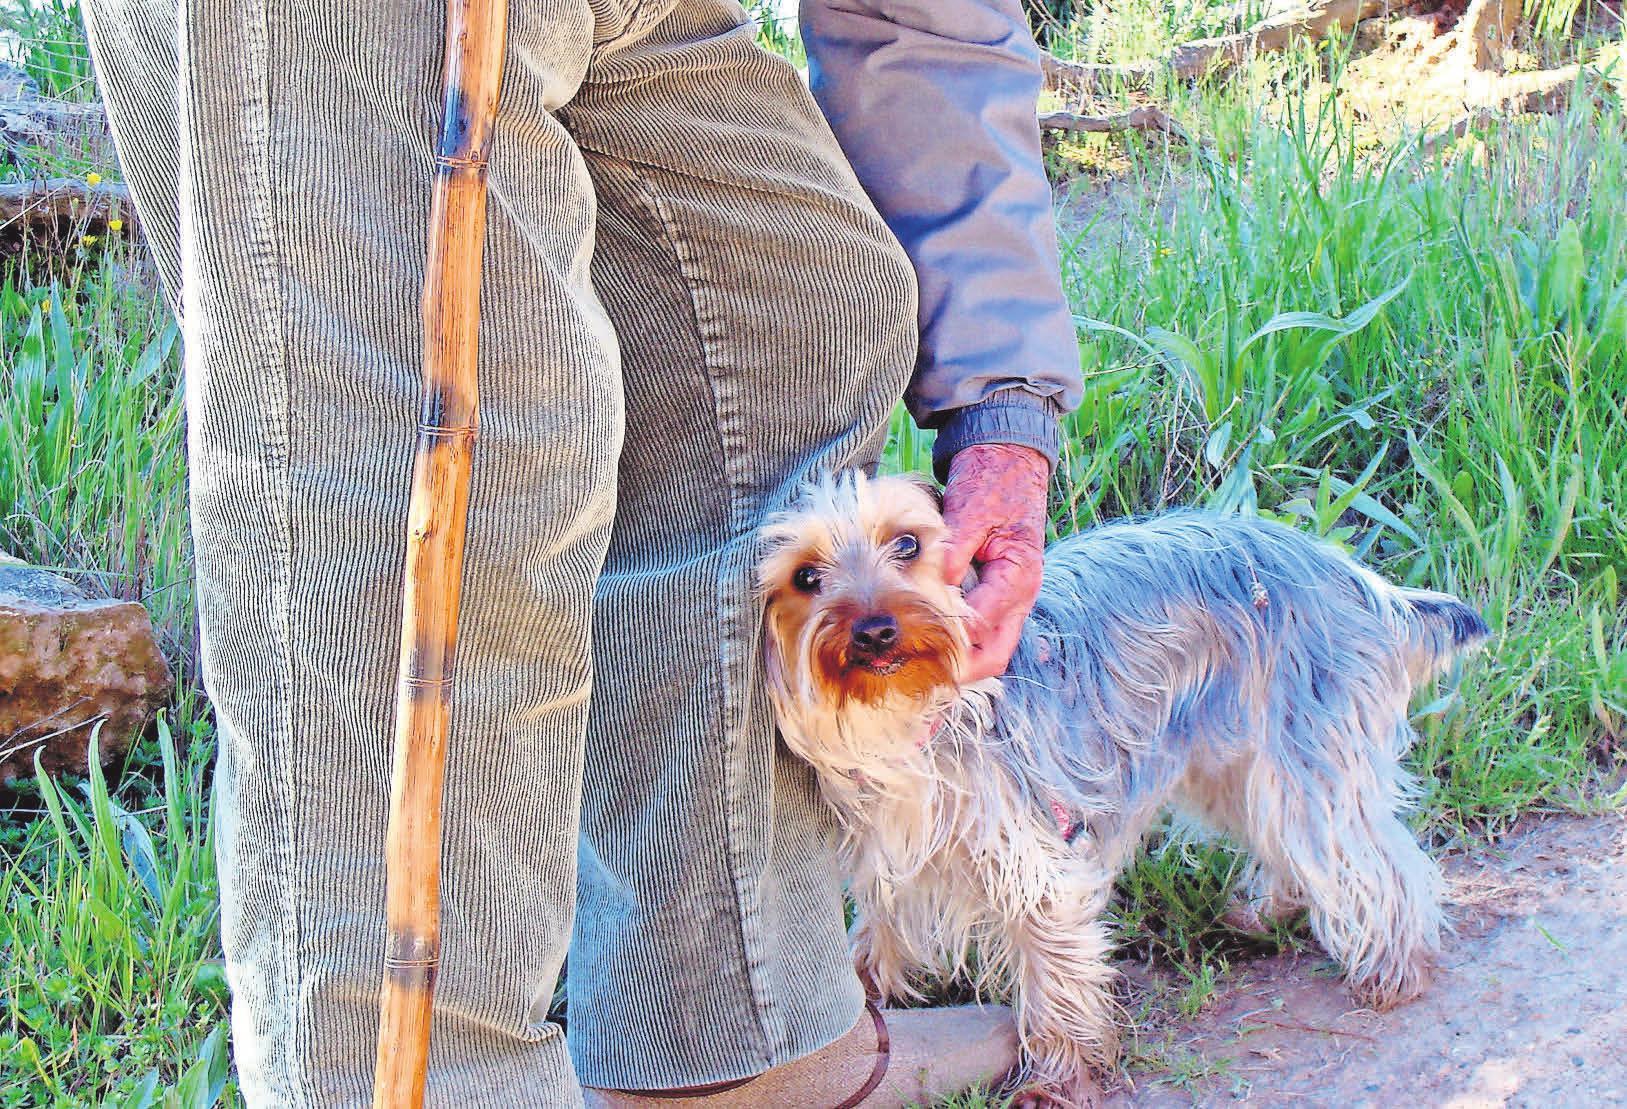 Ein Hund kann immer ein treuer Begleiter sein, braucht aber auch viel Zuwendung und Pflege. Foto: Pixabay